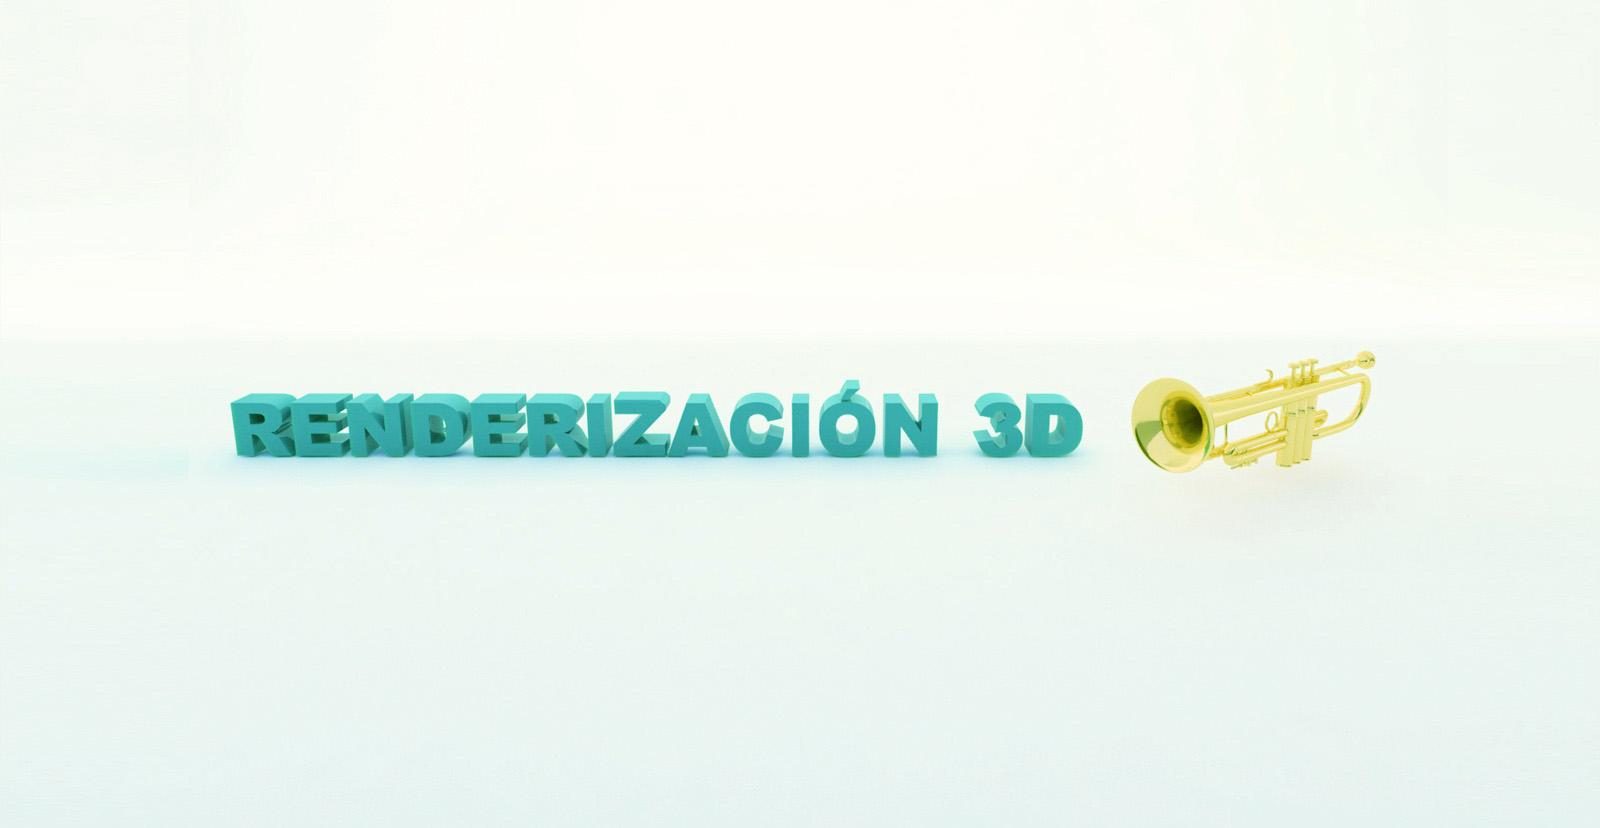 renderizacion 3d y trompeta en 3d